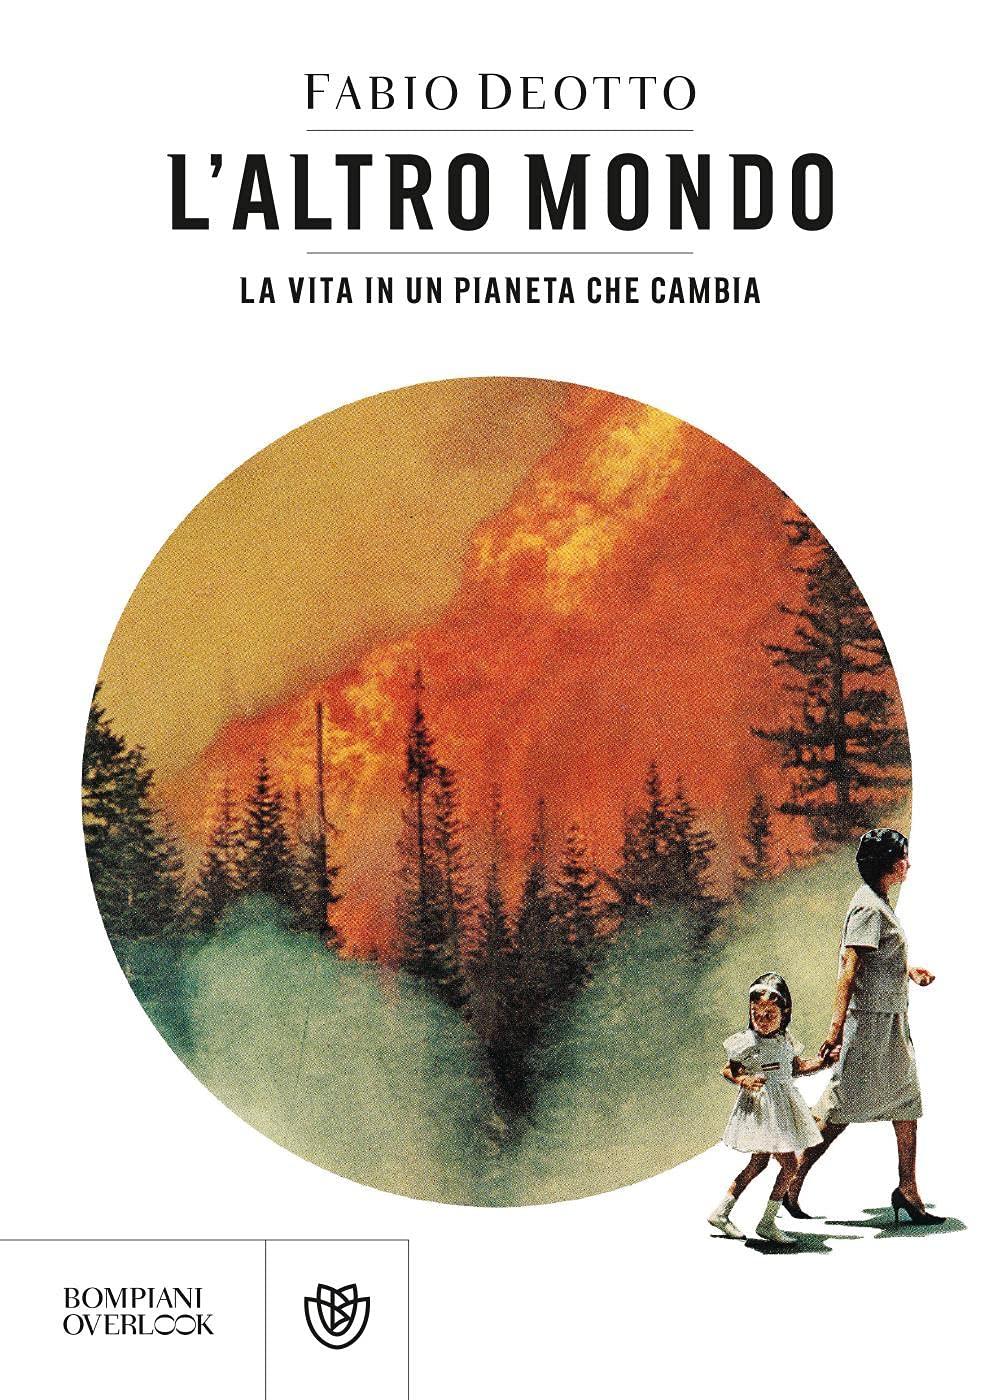 Recensione di L'Altro Mondo – Fabio Deotto